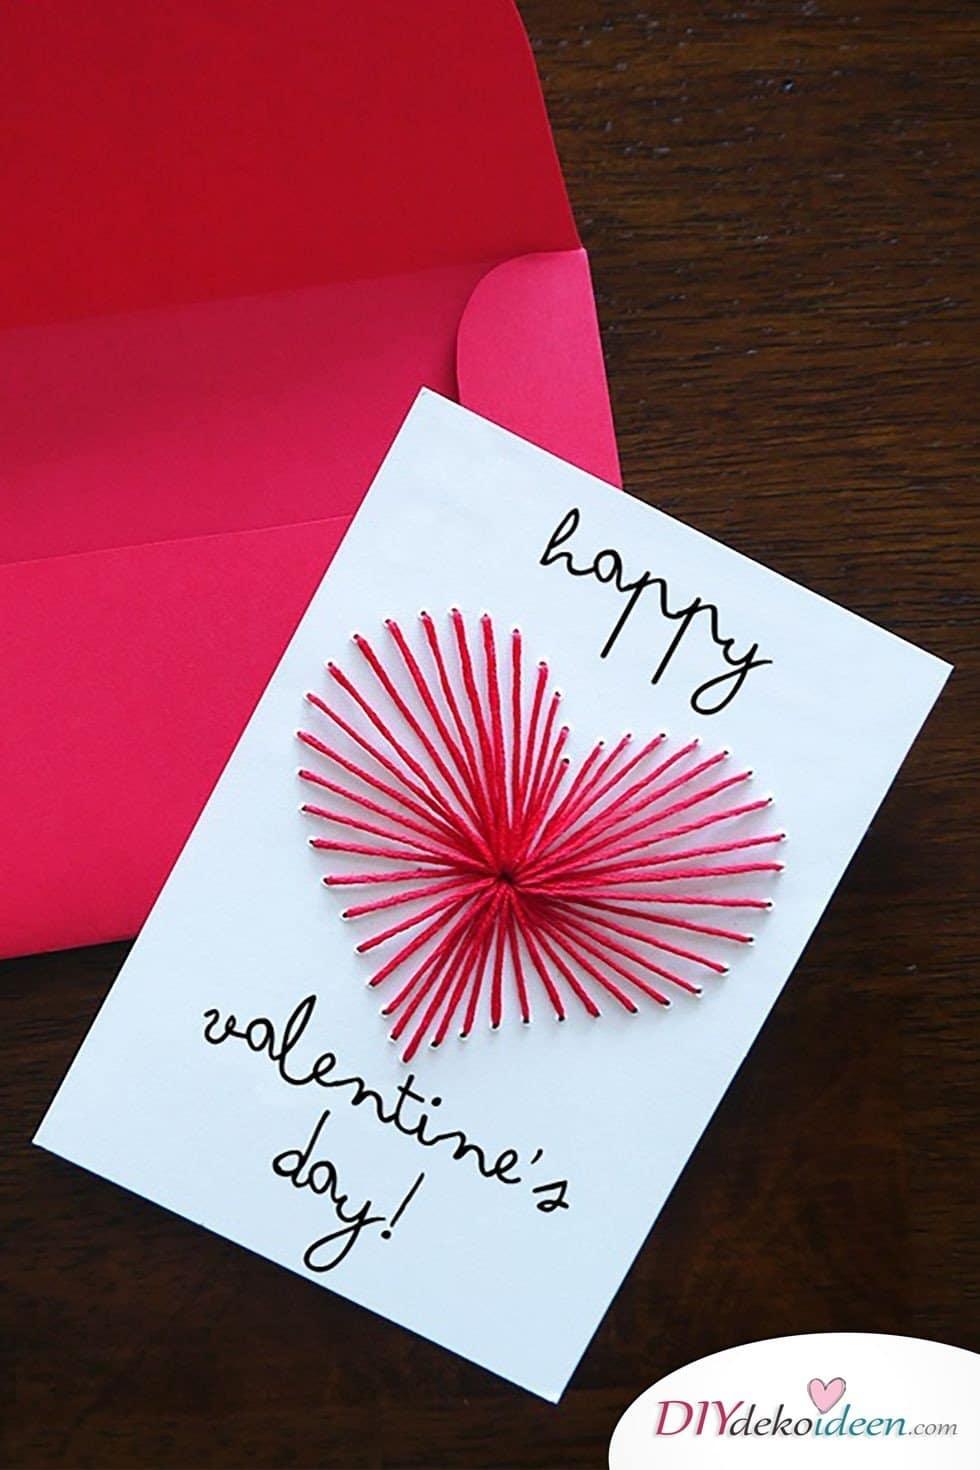 Bestickte Valentinstag Karten basteln, Valentinstag Karten basteln, Valentinstag, Valentinstag basteln, Valentinstag Bastelideen, DIY Bastelideen, romantisch, Karten basteln